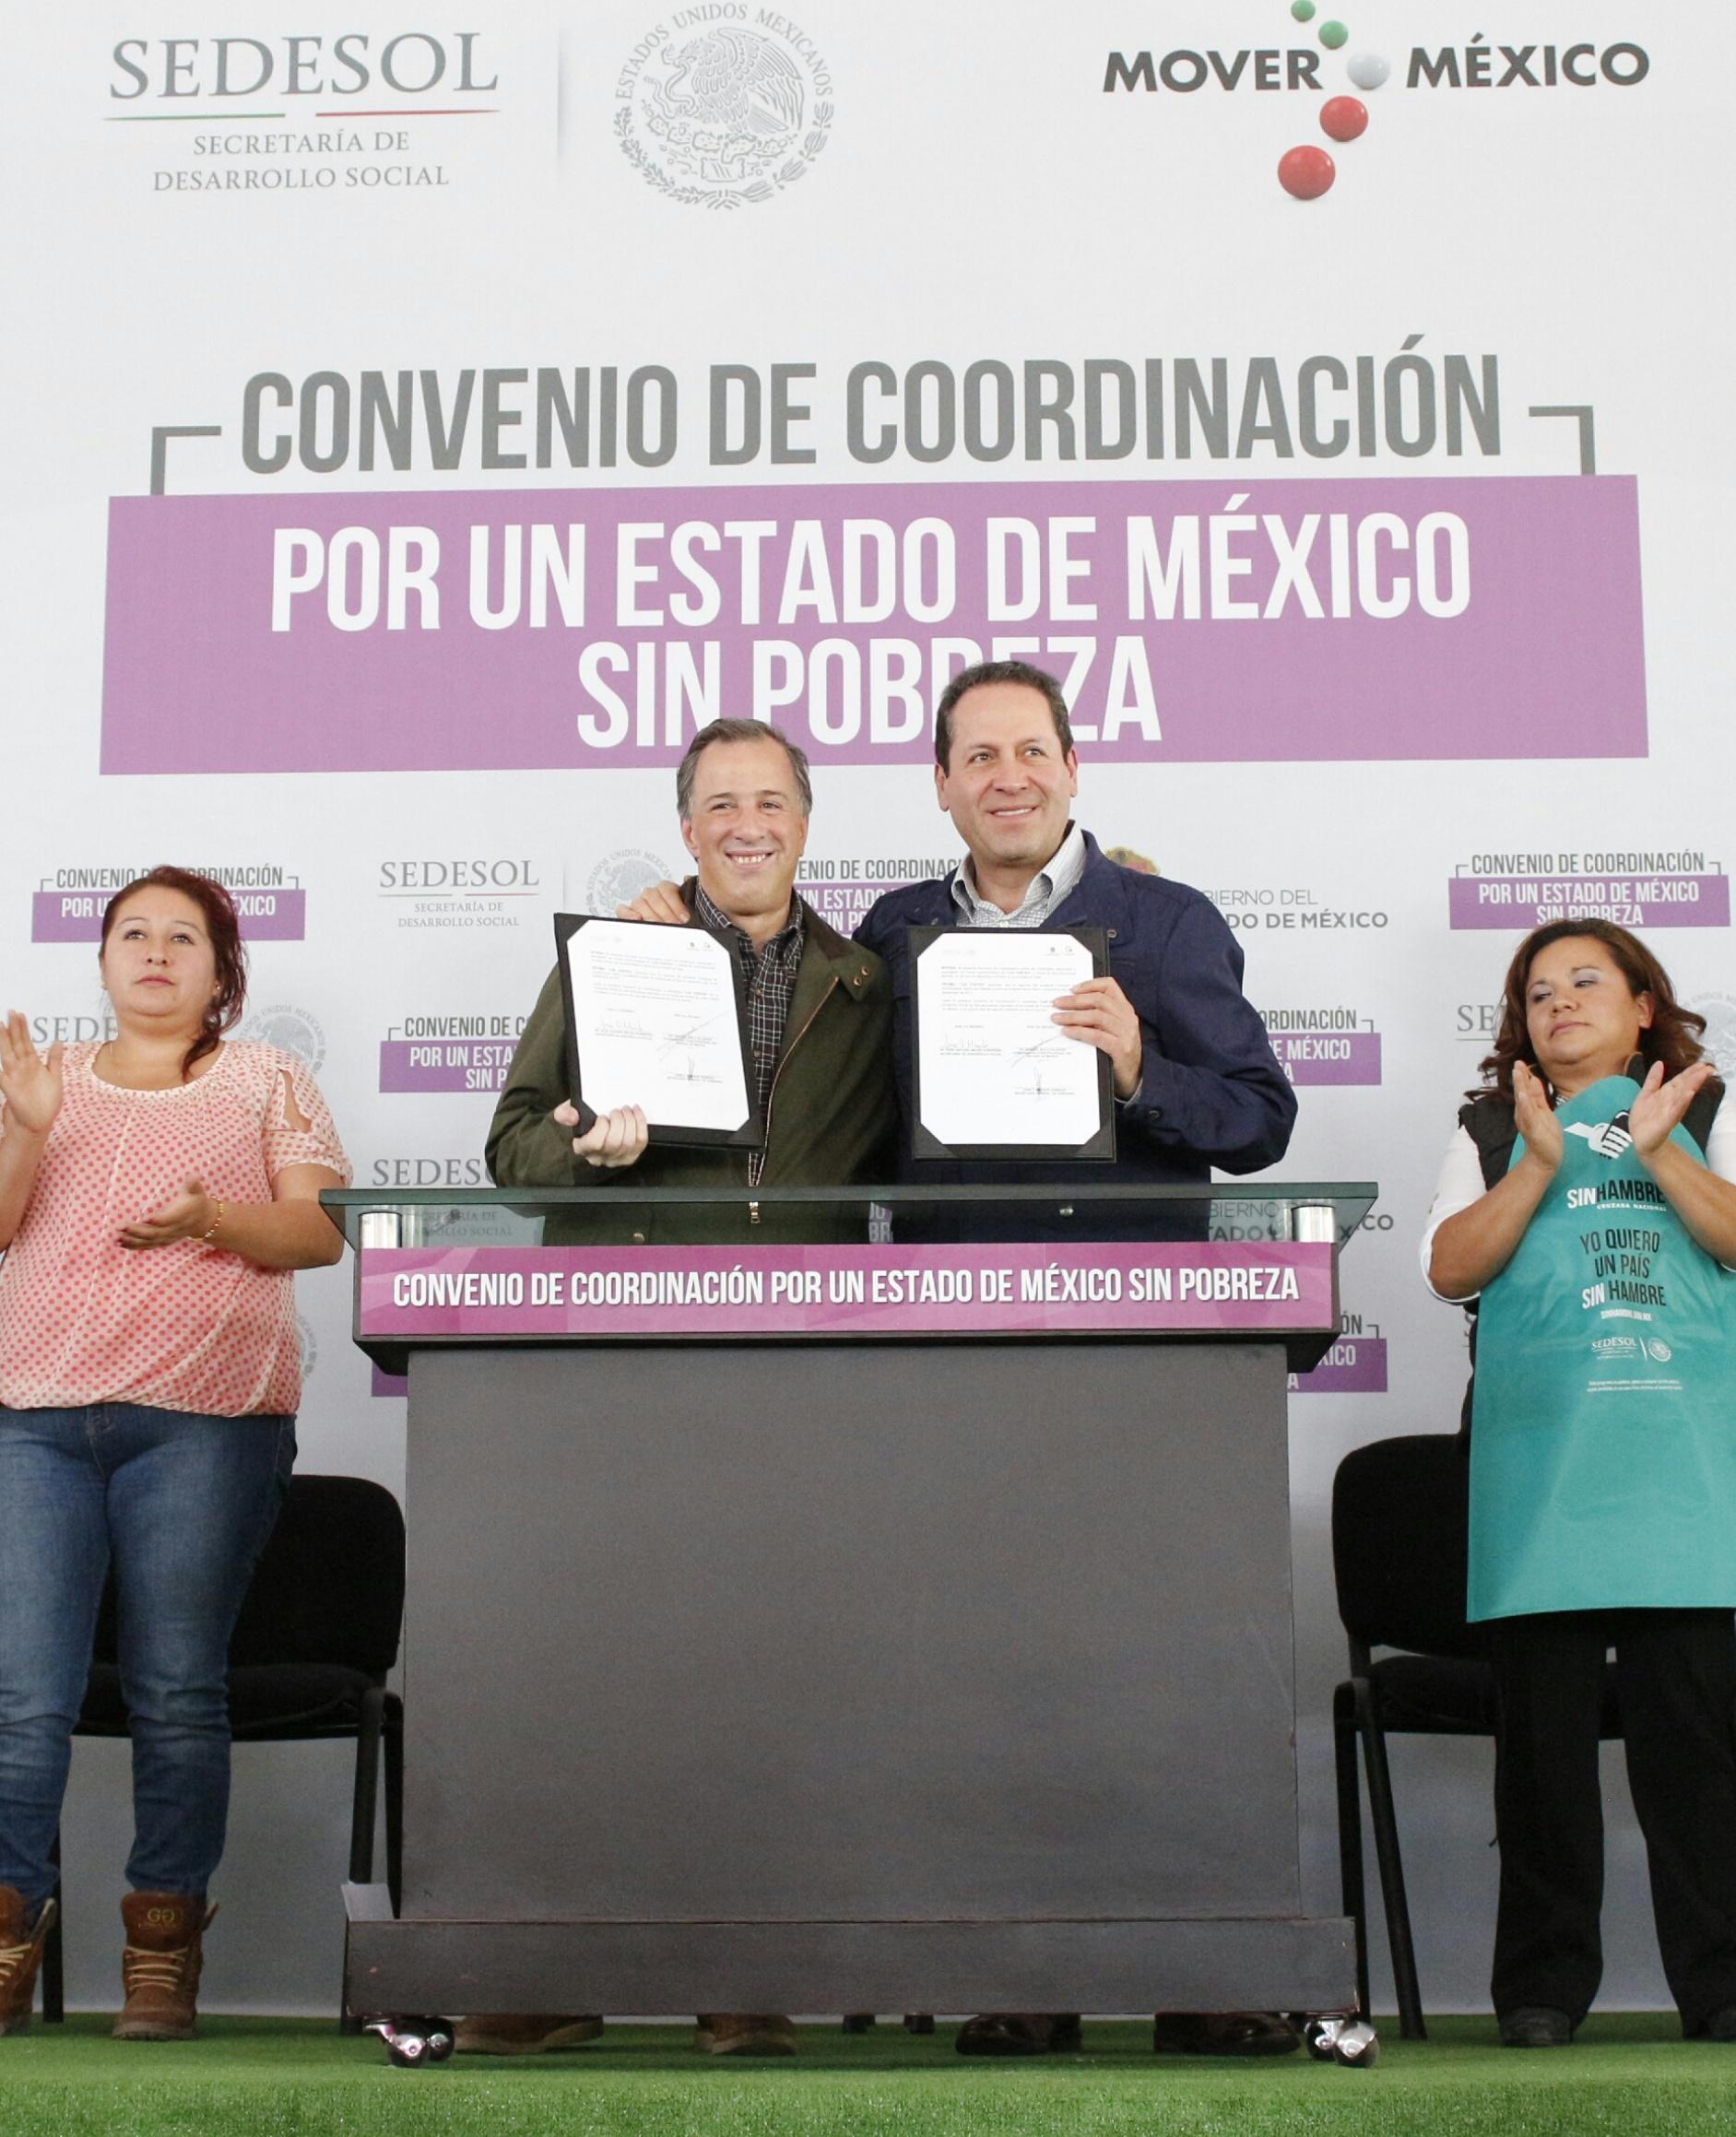 FOTO 2 Secretario  Meade Kuribre a  en el marco de la firma del Acuerdo por un Estado de M xico sin Pobrezajpg